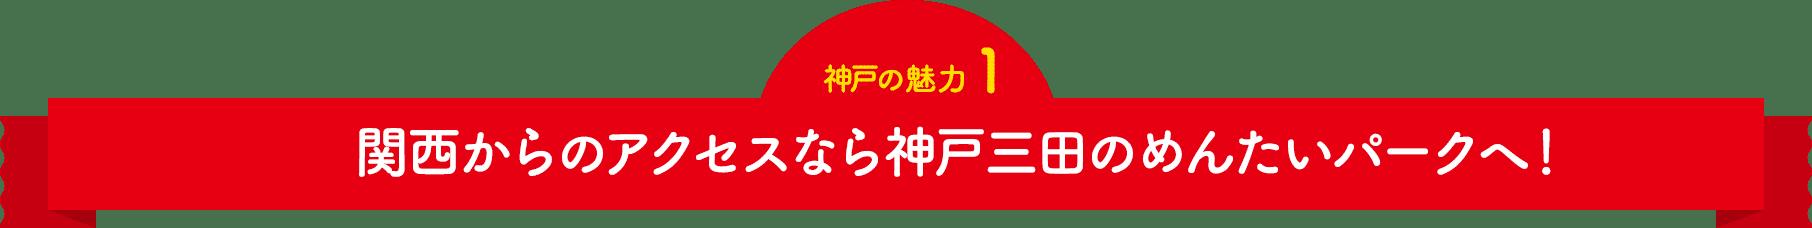 関西からのアクセスなら神戸三田のめんたいパークへ!